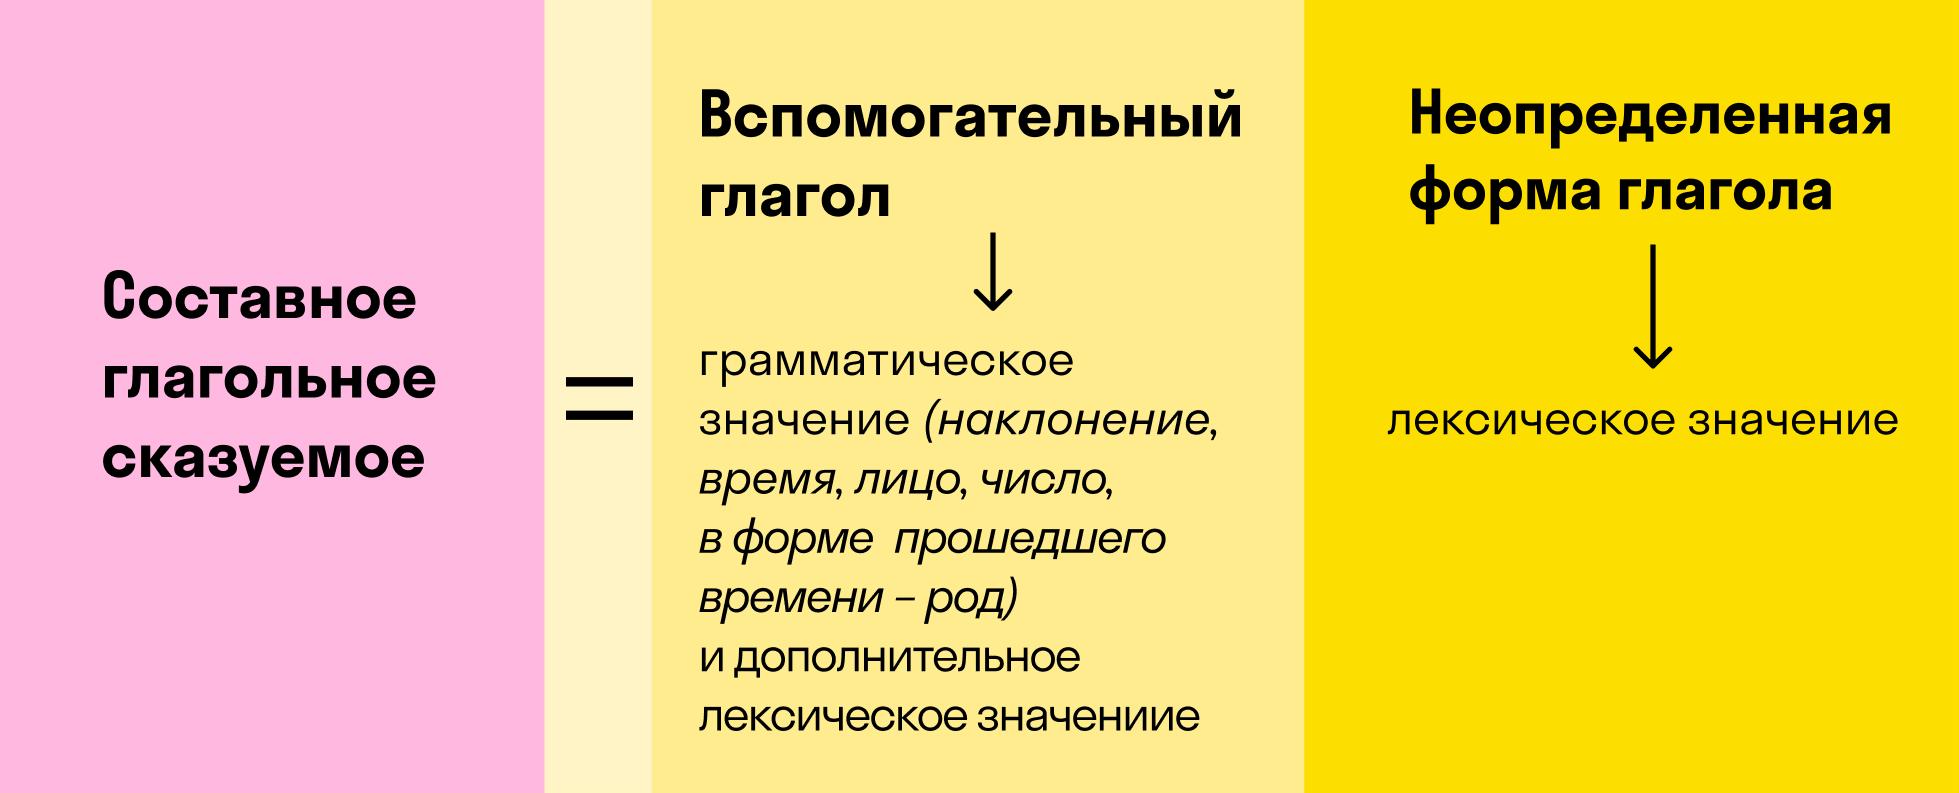 Схема построения составного глагольного сказуемого